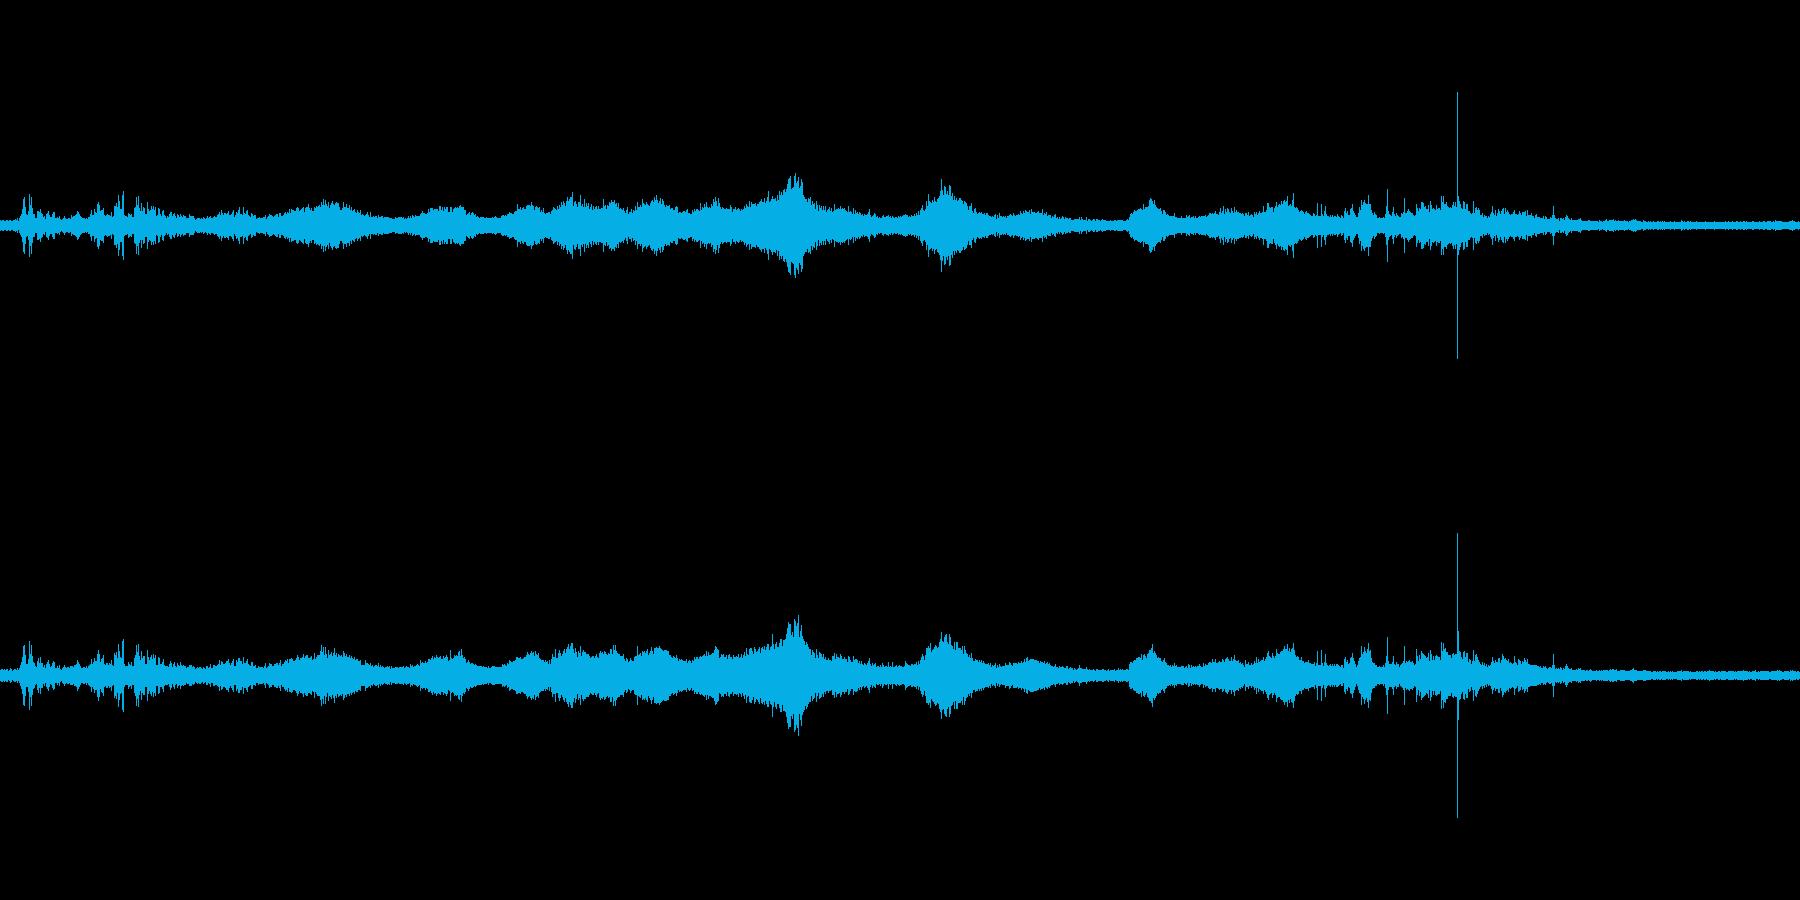 【生音】雷14 - 風と雷と通行音+物…の再生済みの波形